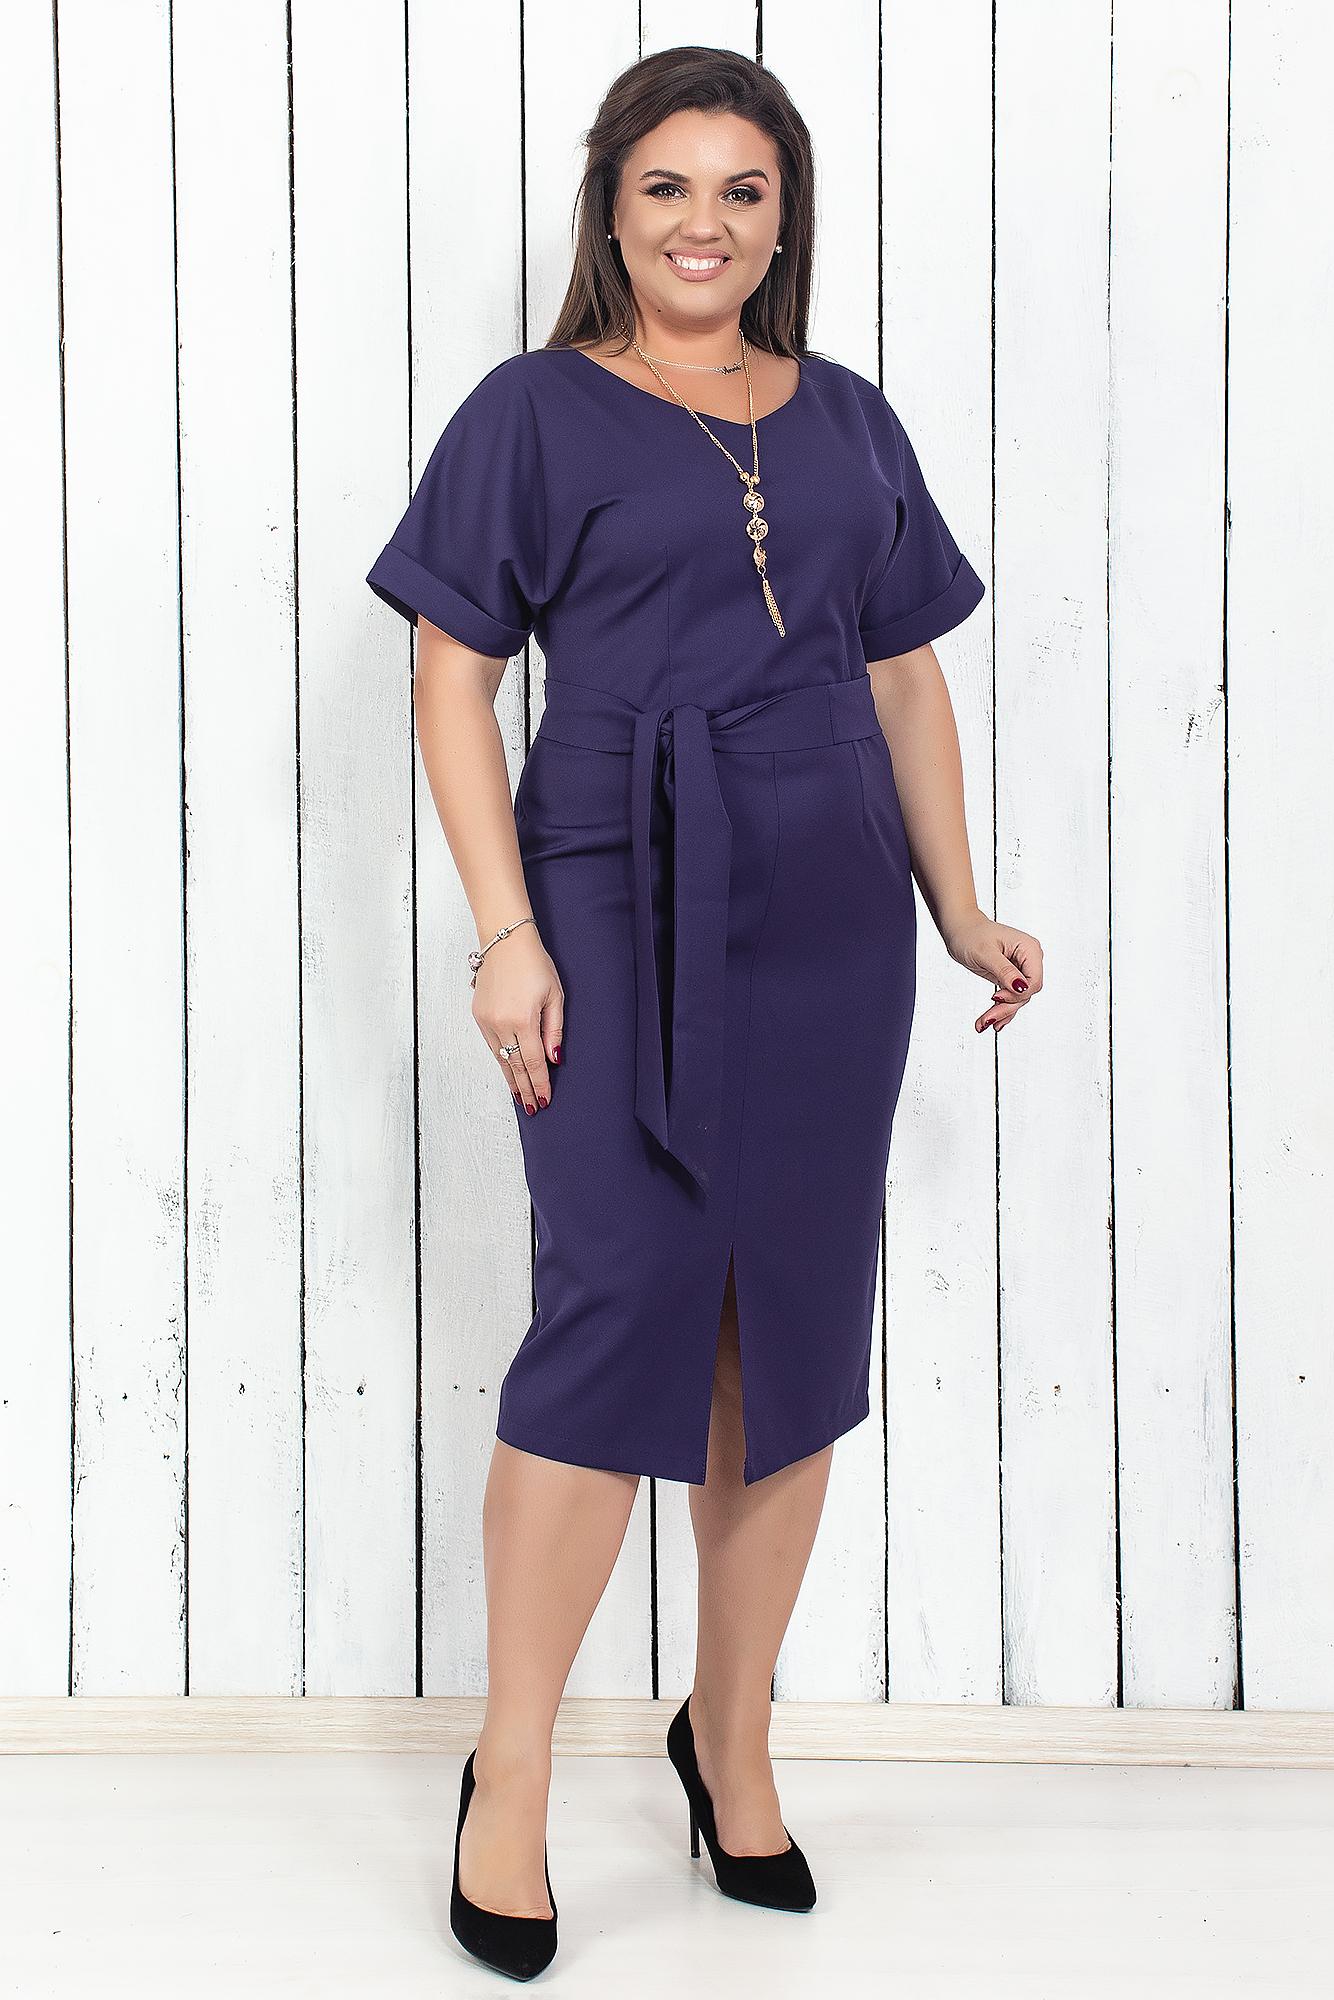 7f923075d29 Платья оптом от производителя. Купить женские платья оптом по низким ...